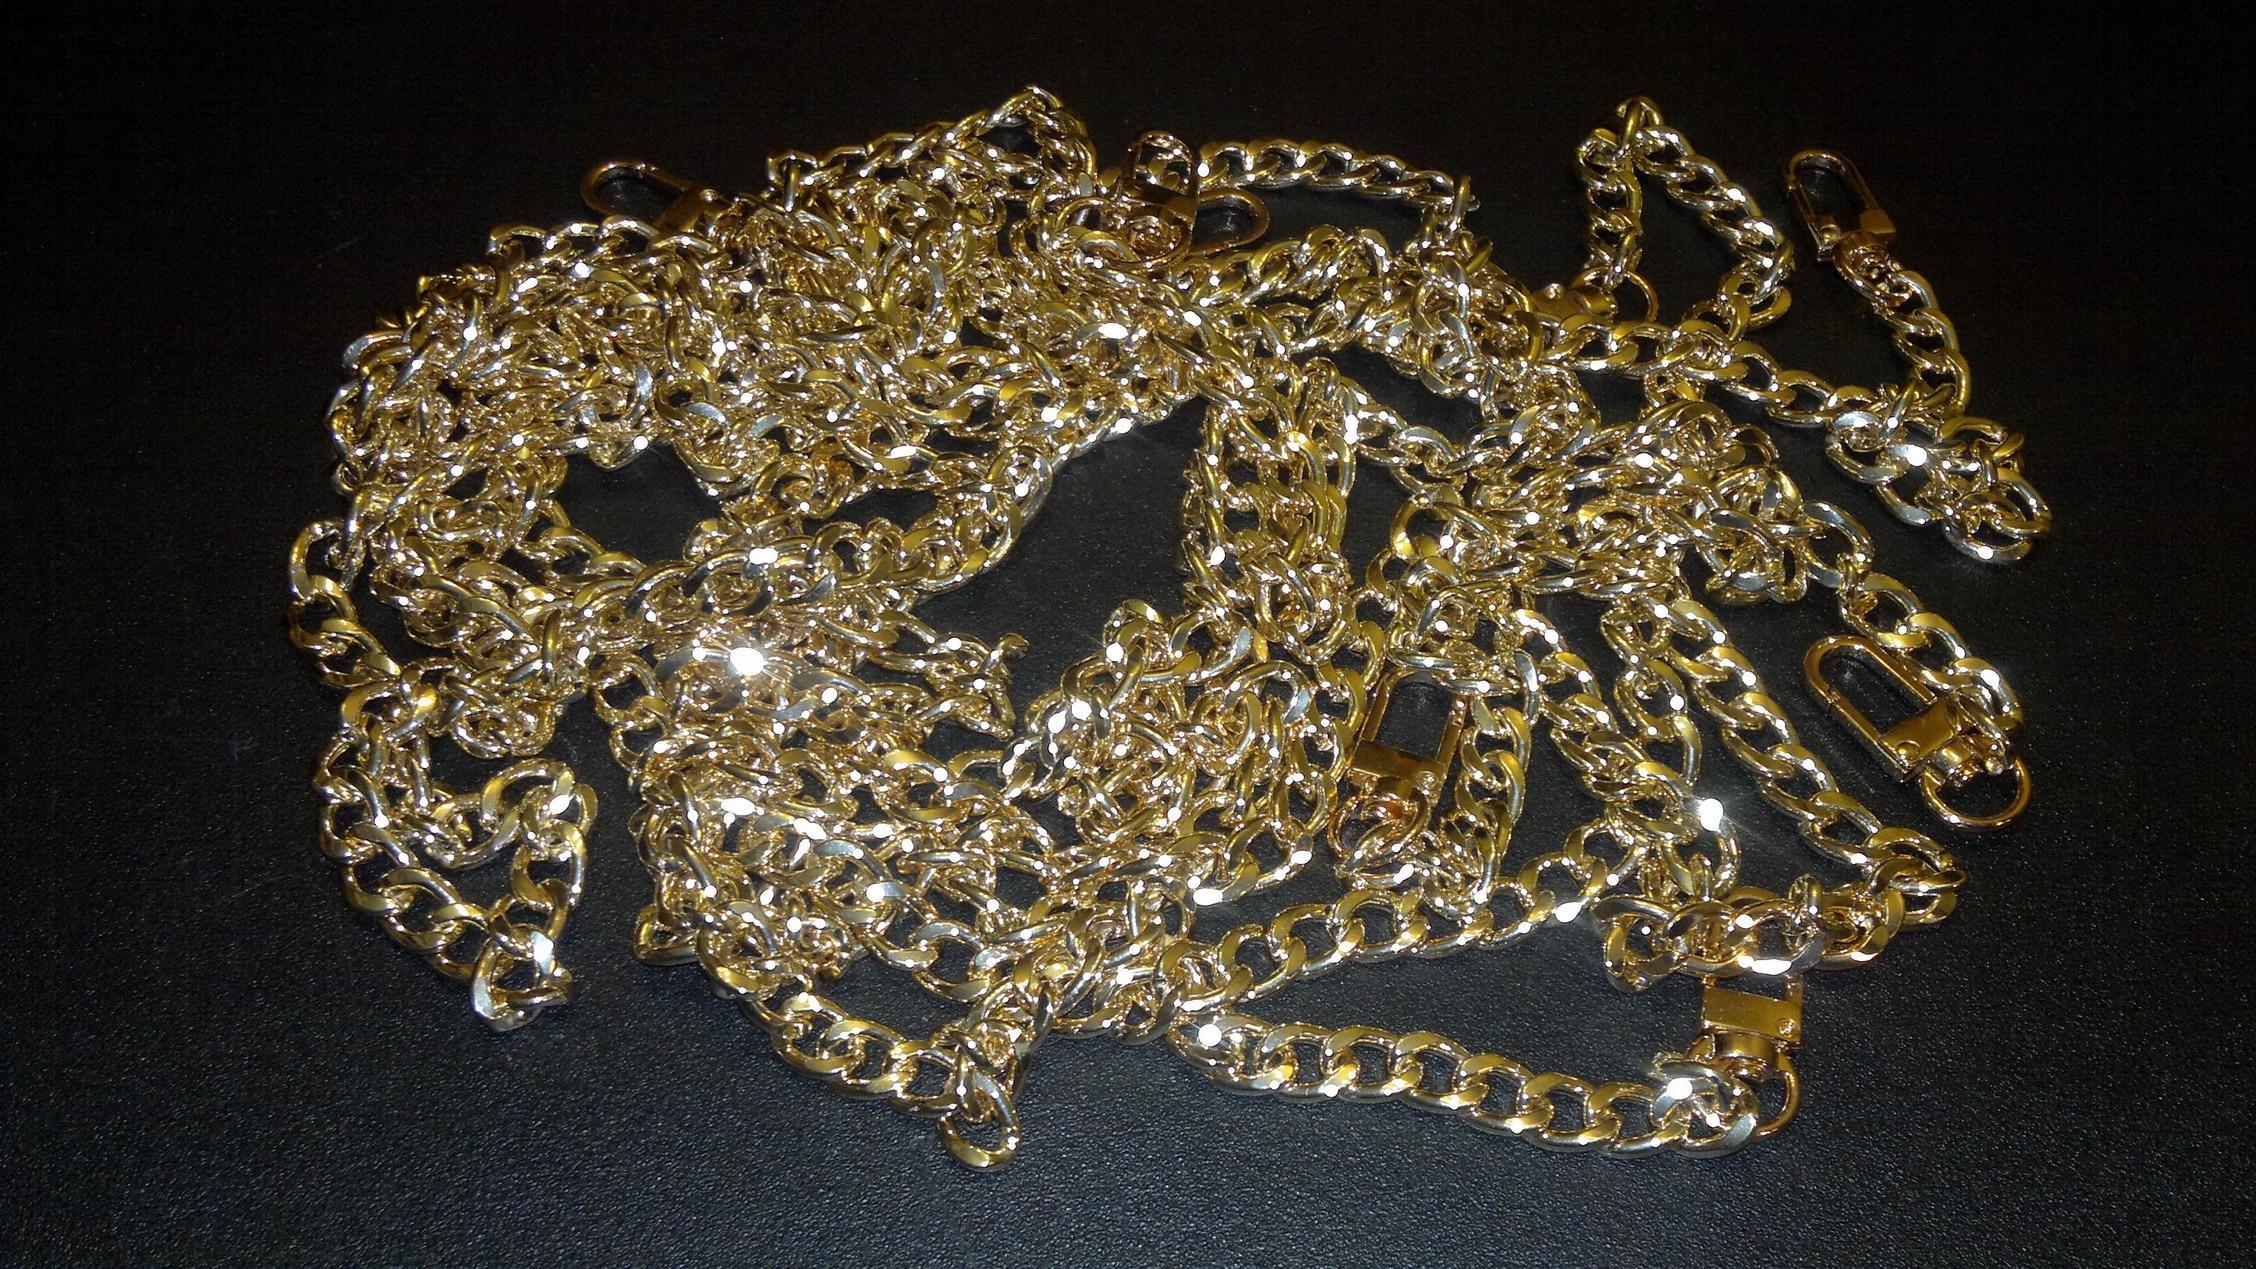 XINGMING Hoge Kwaliteit 120cm Rvs Purse Chain Strap Handvat Schouder Crossbody Handtas Tas Metalen Vervanging 3 Kleur photo review